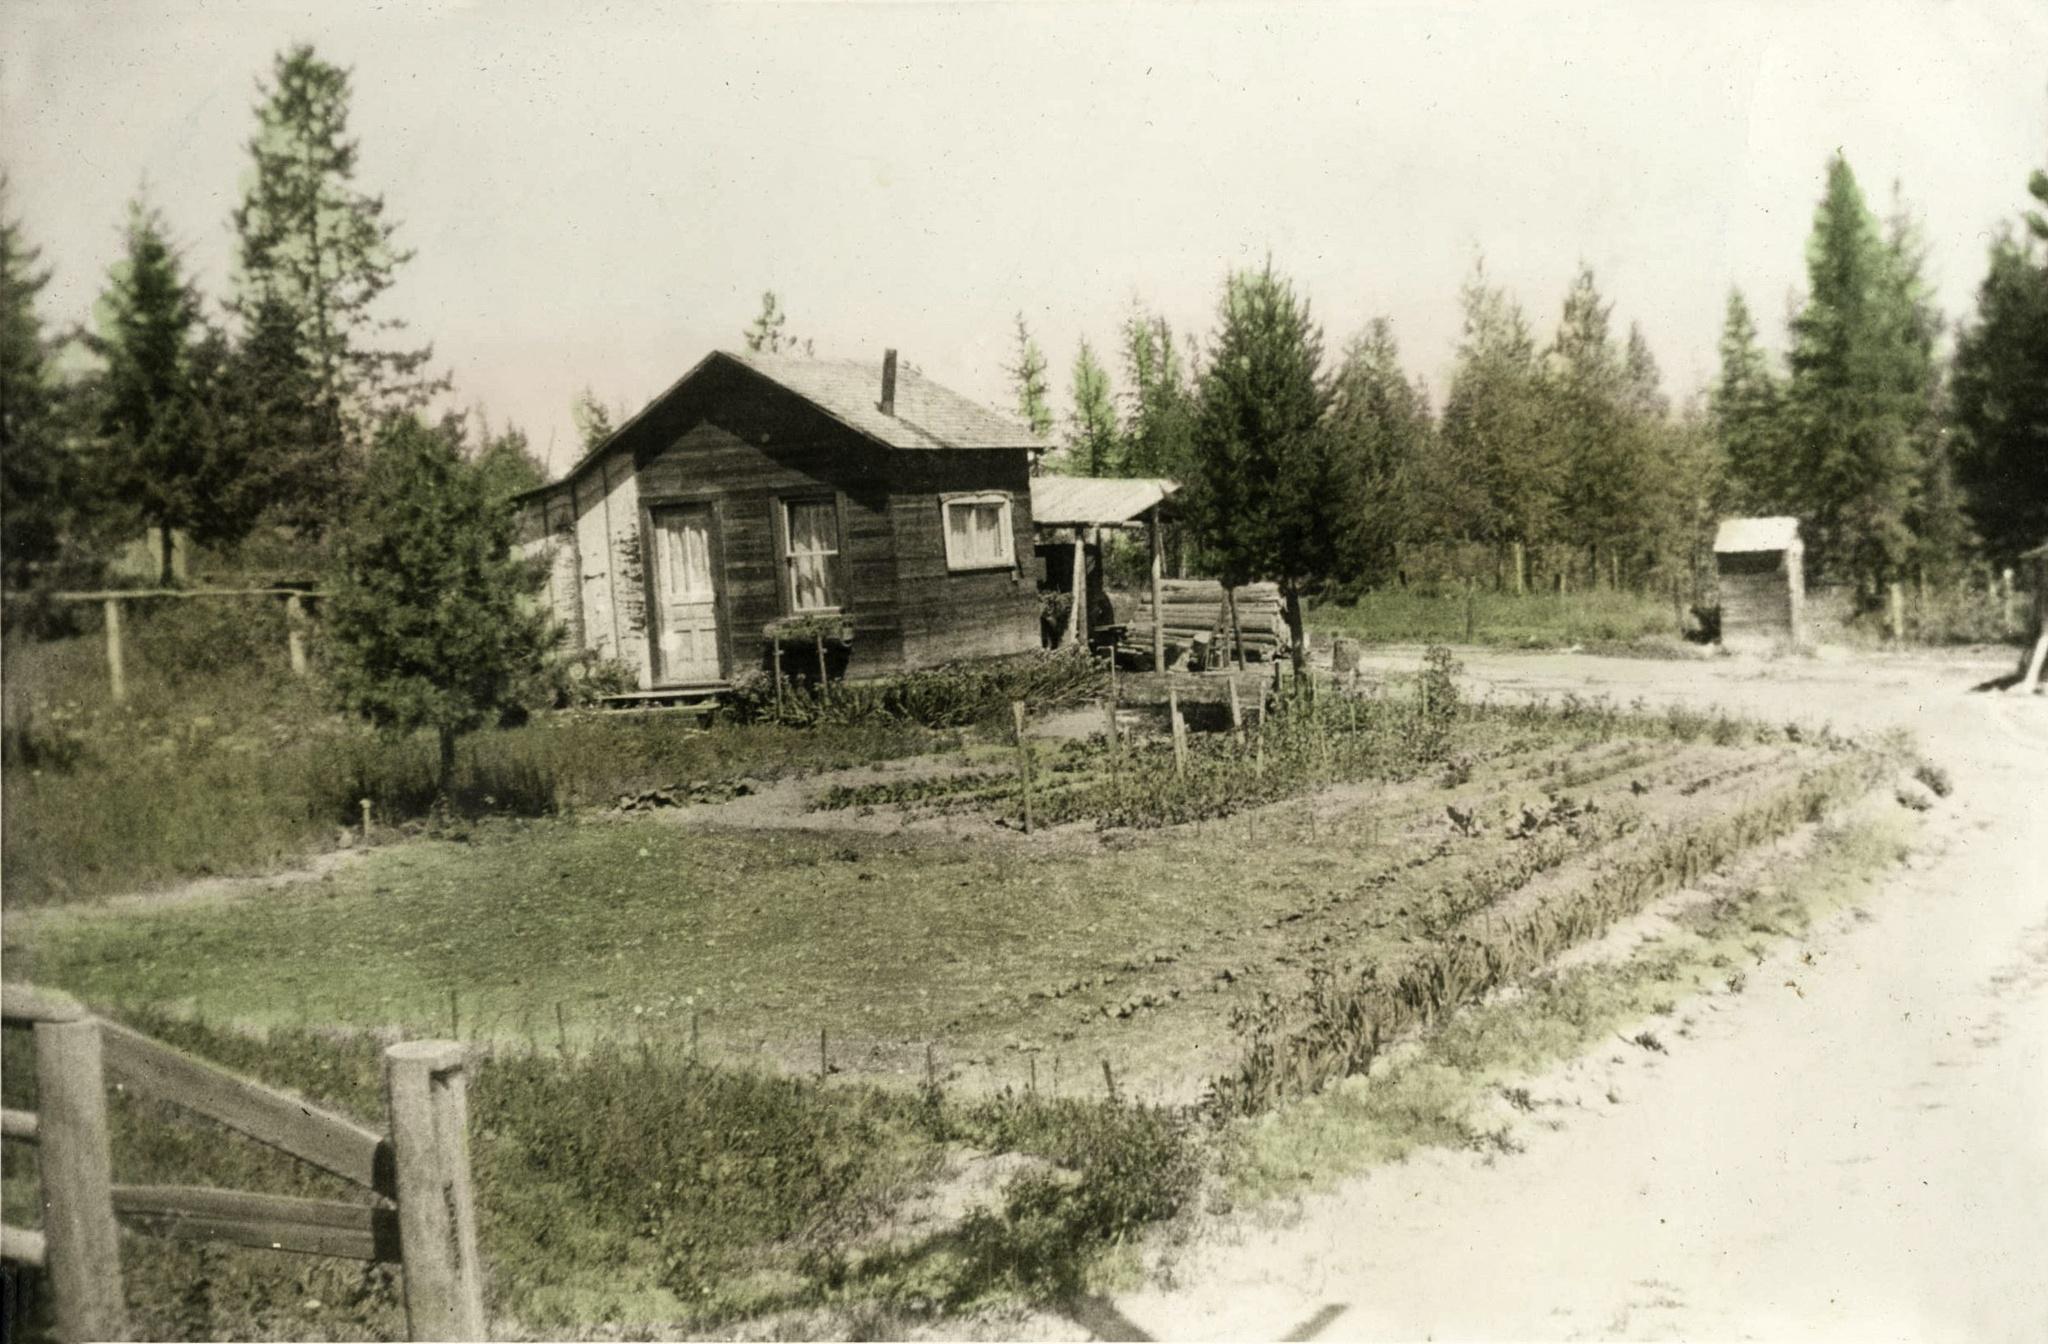 American saga : Whitefish, Montana, 1935 by Martine de Lajudie